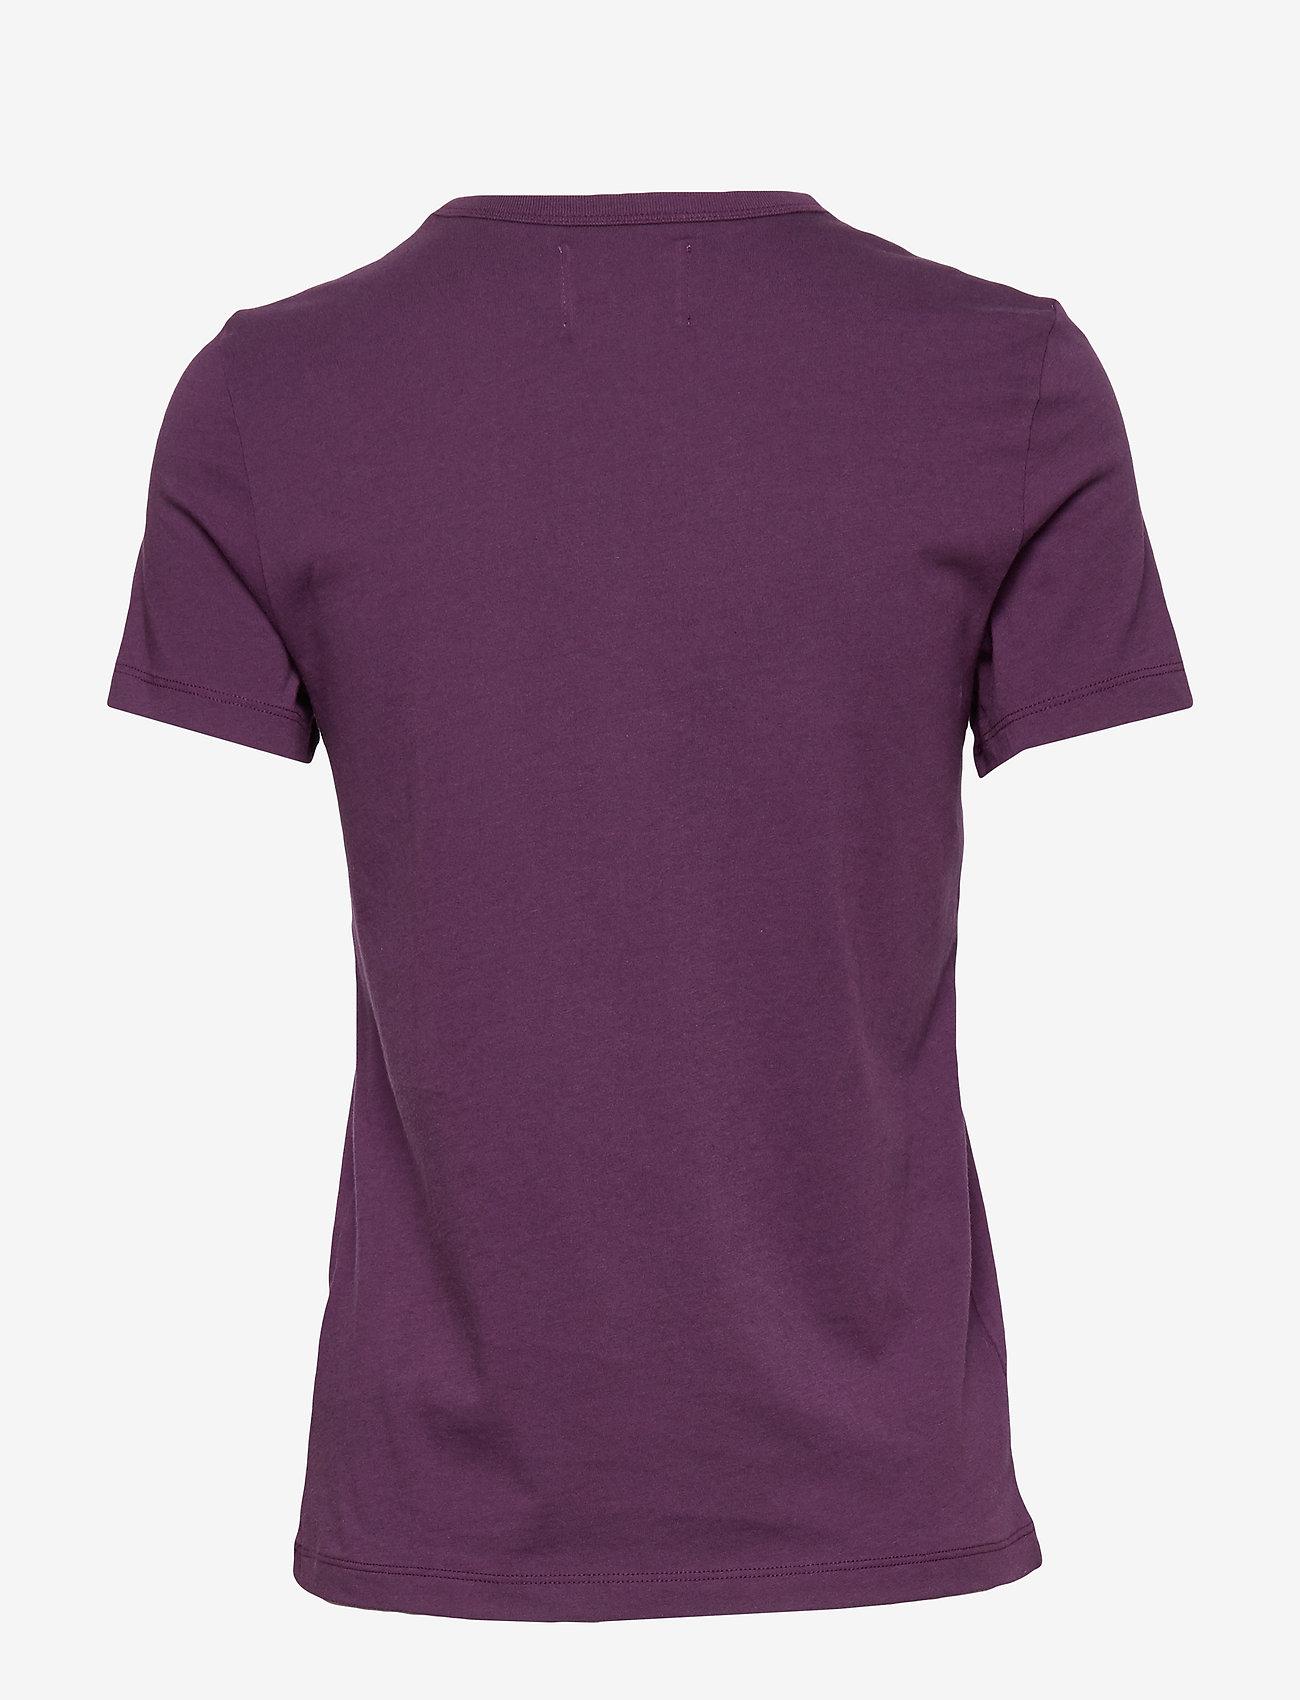 Wood Wood - Uma T-shirt - t-shirts basiques - aubergine